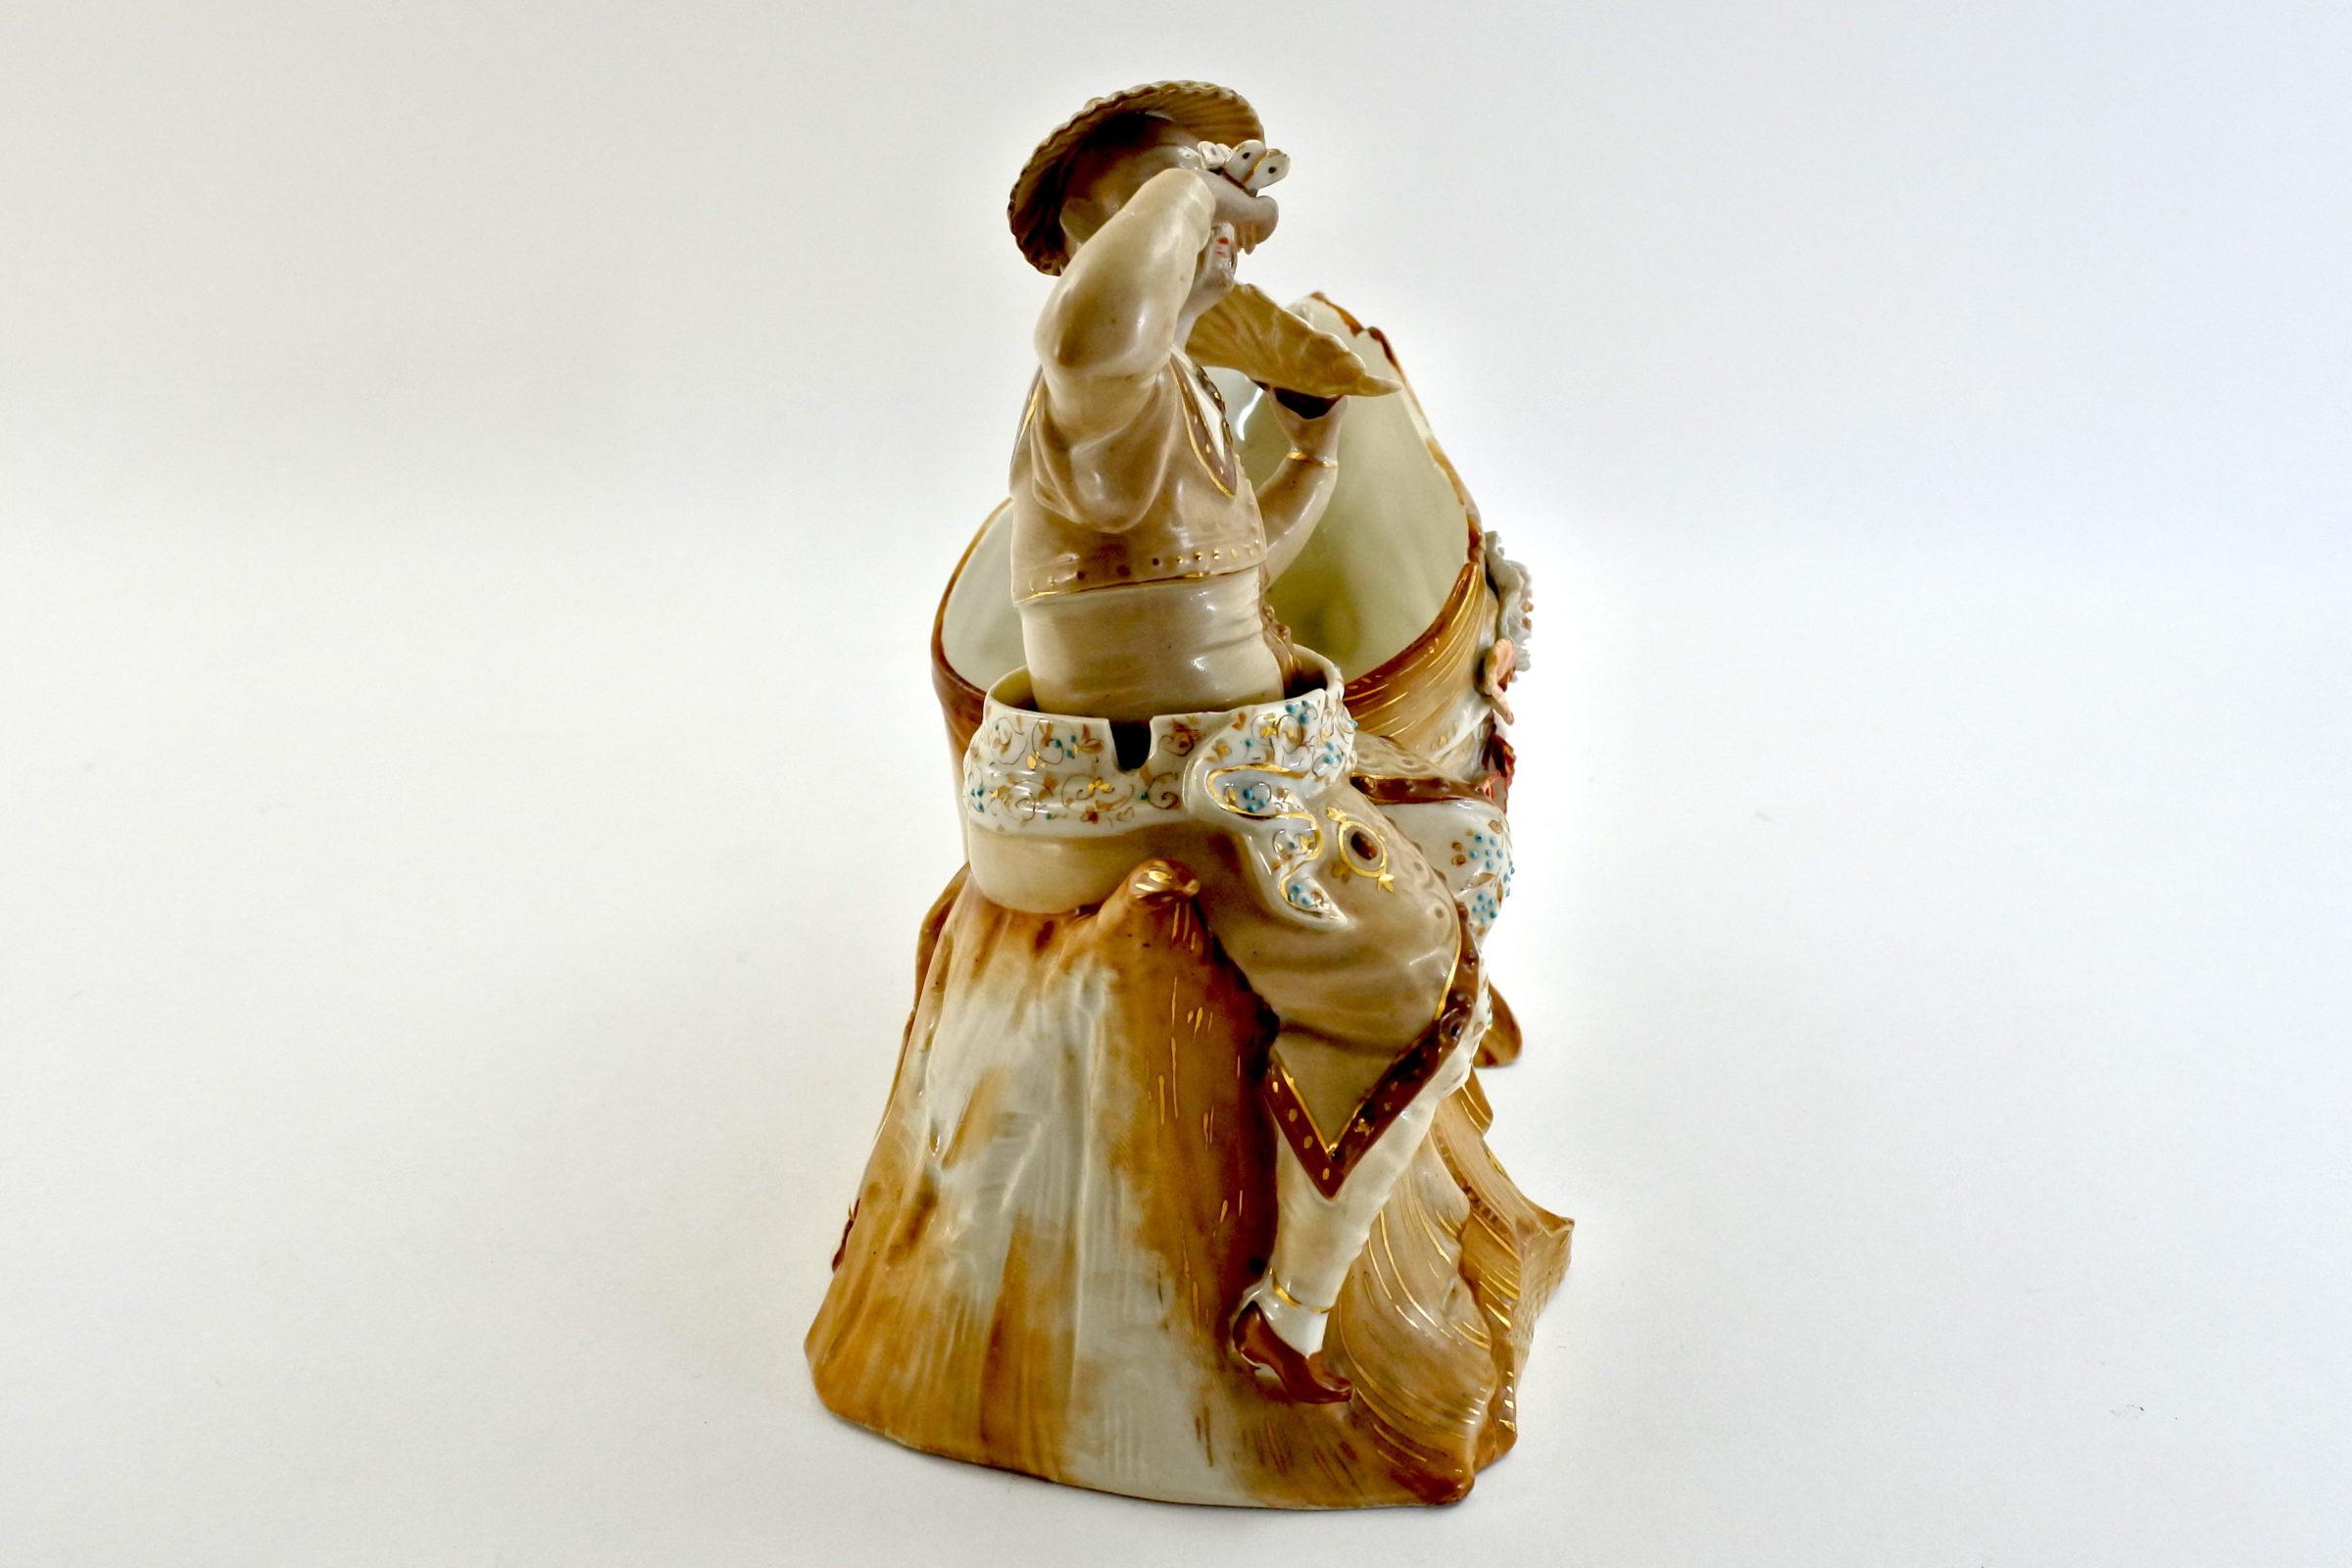 Cinese basculante in ceramica - Trembleur - 2